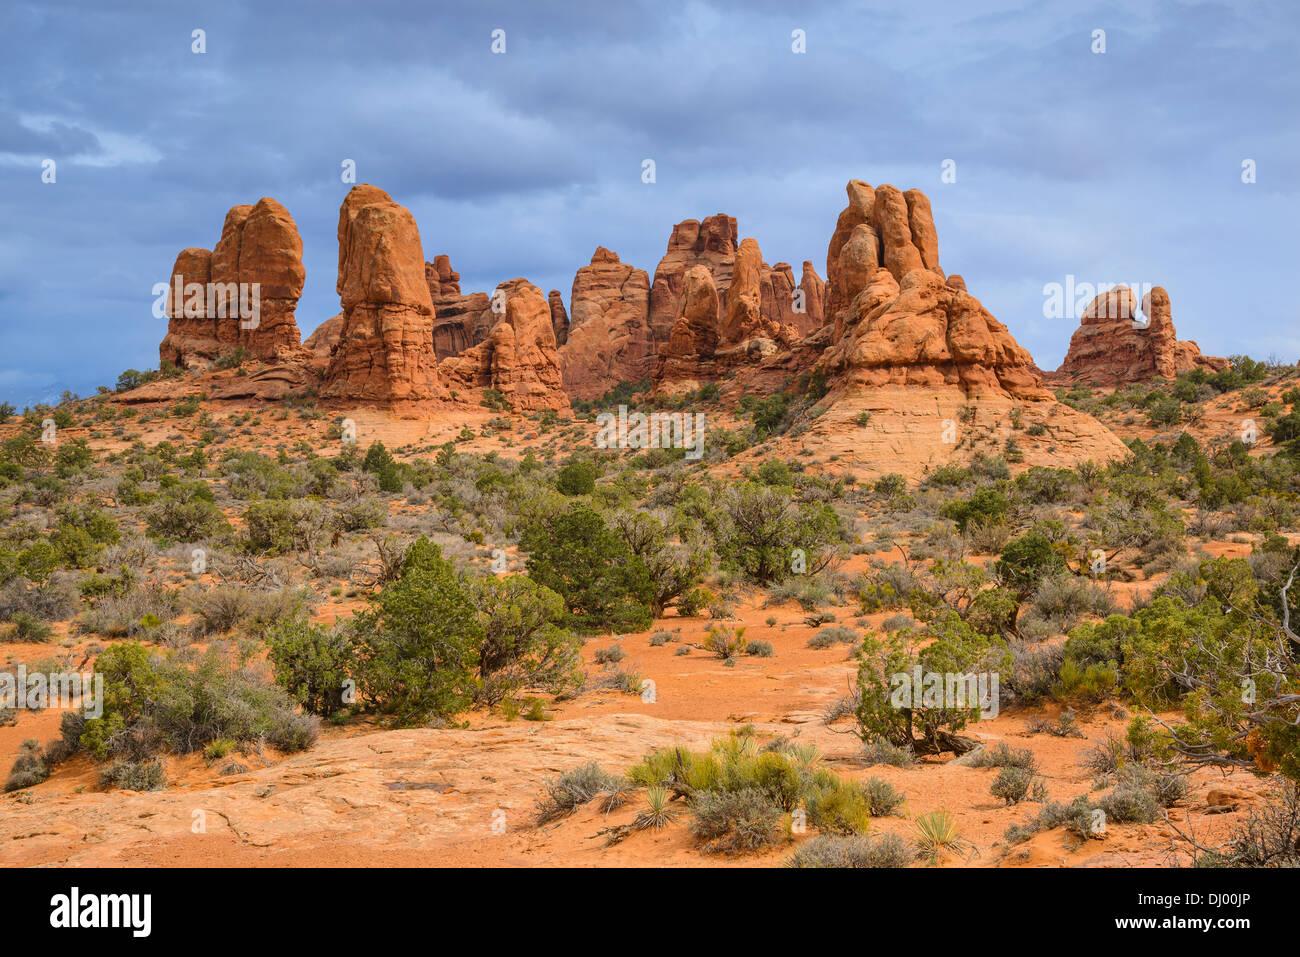 Formaciones rocosas cerca de la sección Windows, Parque Nacional Arches, en Utah, EE.UU. Imagen De Stock